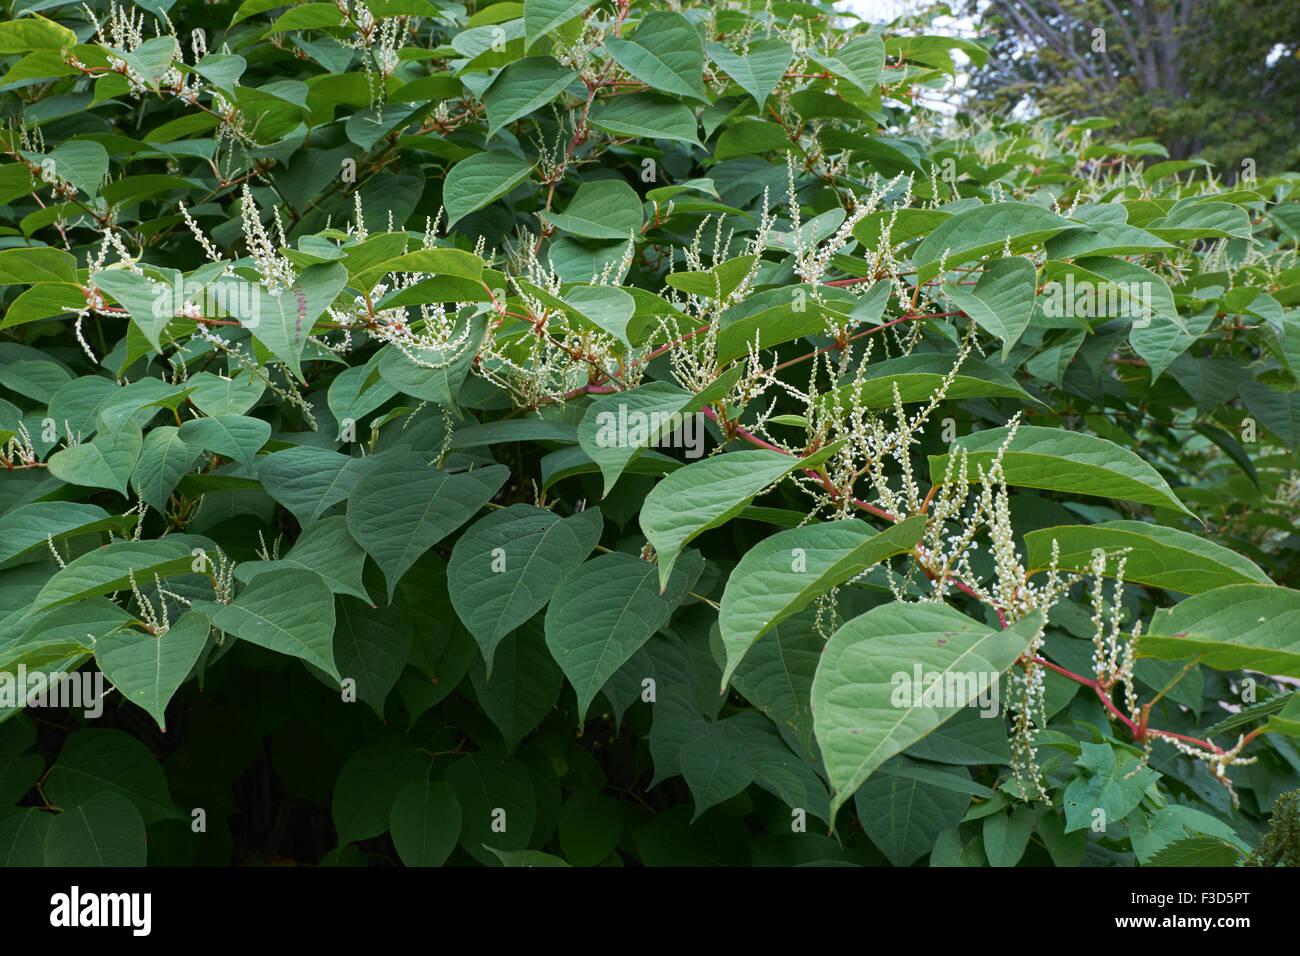 Blooming Sakhalin Knotweed or Fallopia sachalinensis in autumn - Stock Image